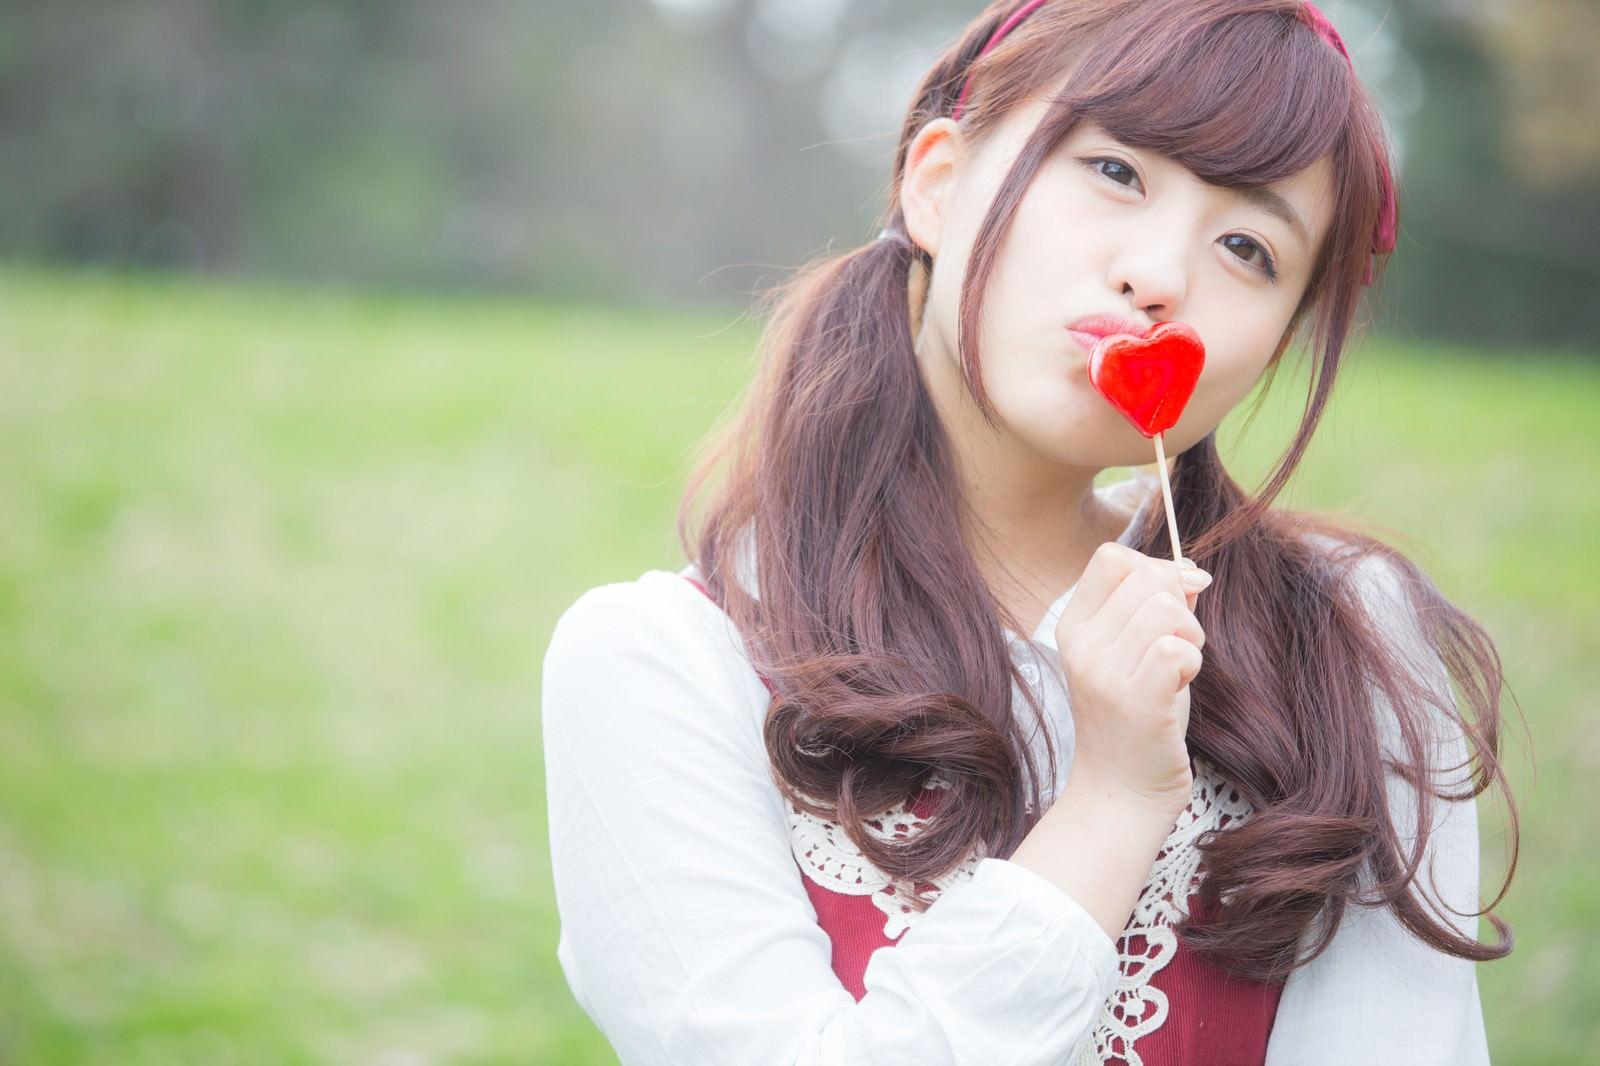 「ハートにキスする女の子ハートにキスする女の子」[モデル:河村友歌]のフリー写真素材を拡大